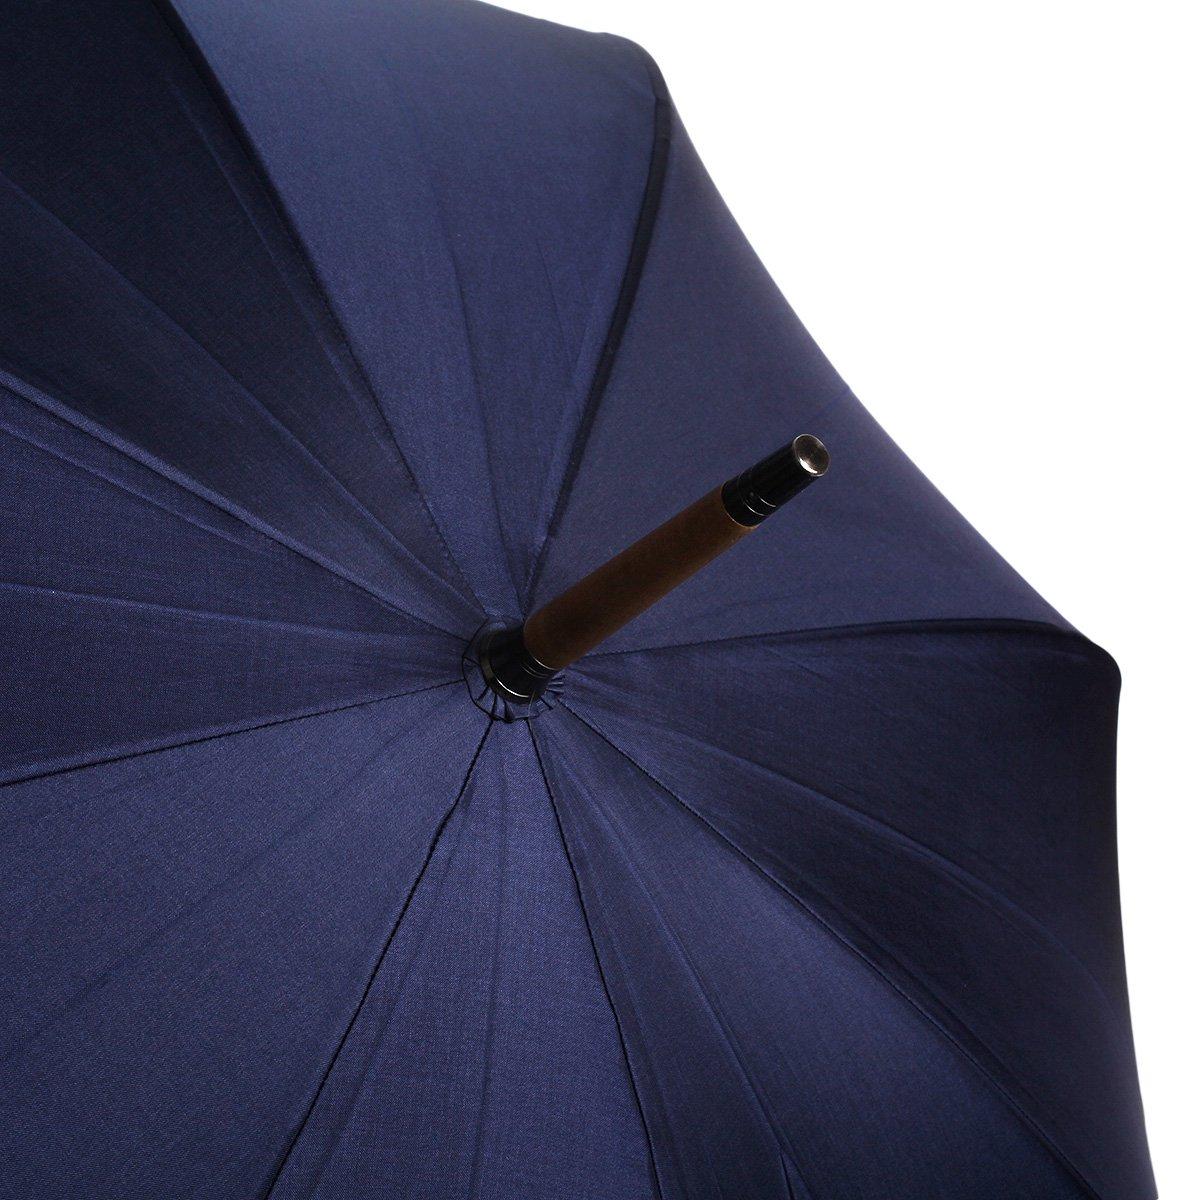 【公式限定】アイアンウッド 富士絹 スリム 長傘 詳細画像10